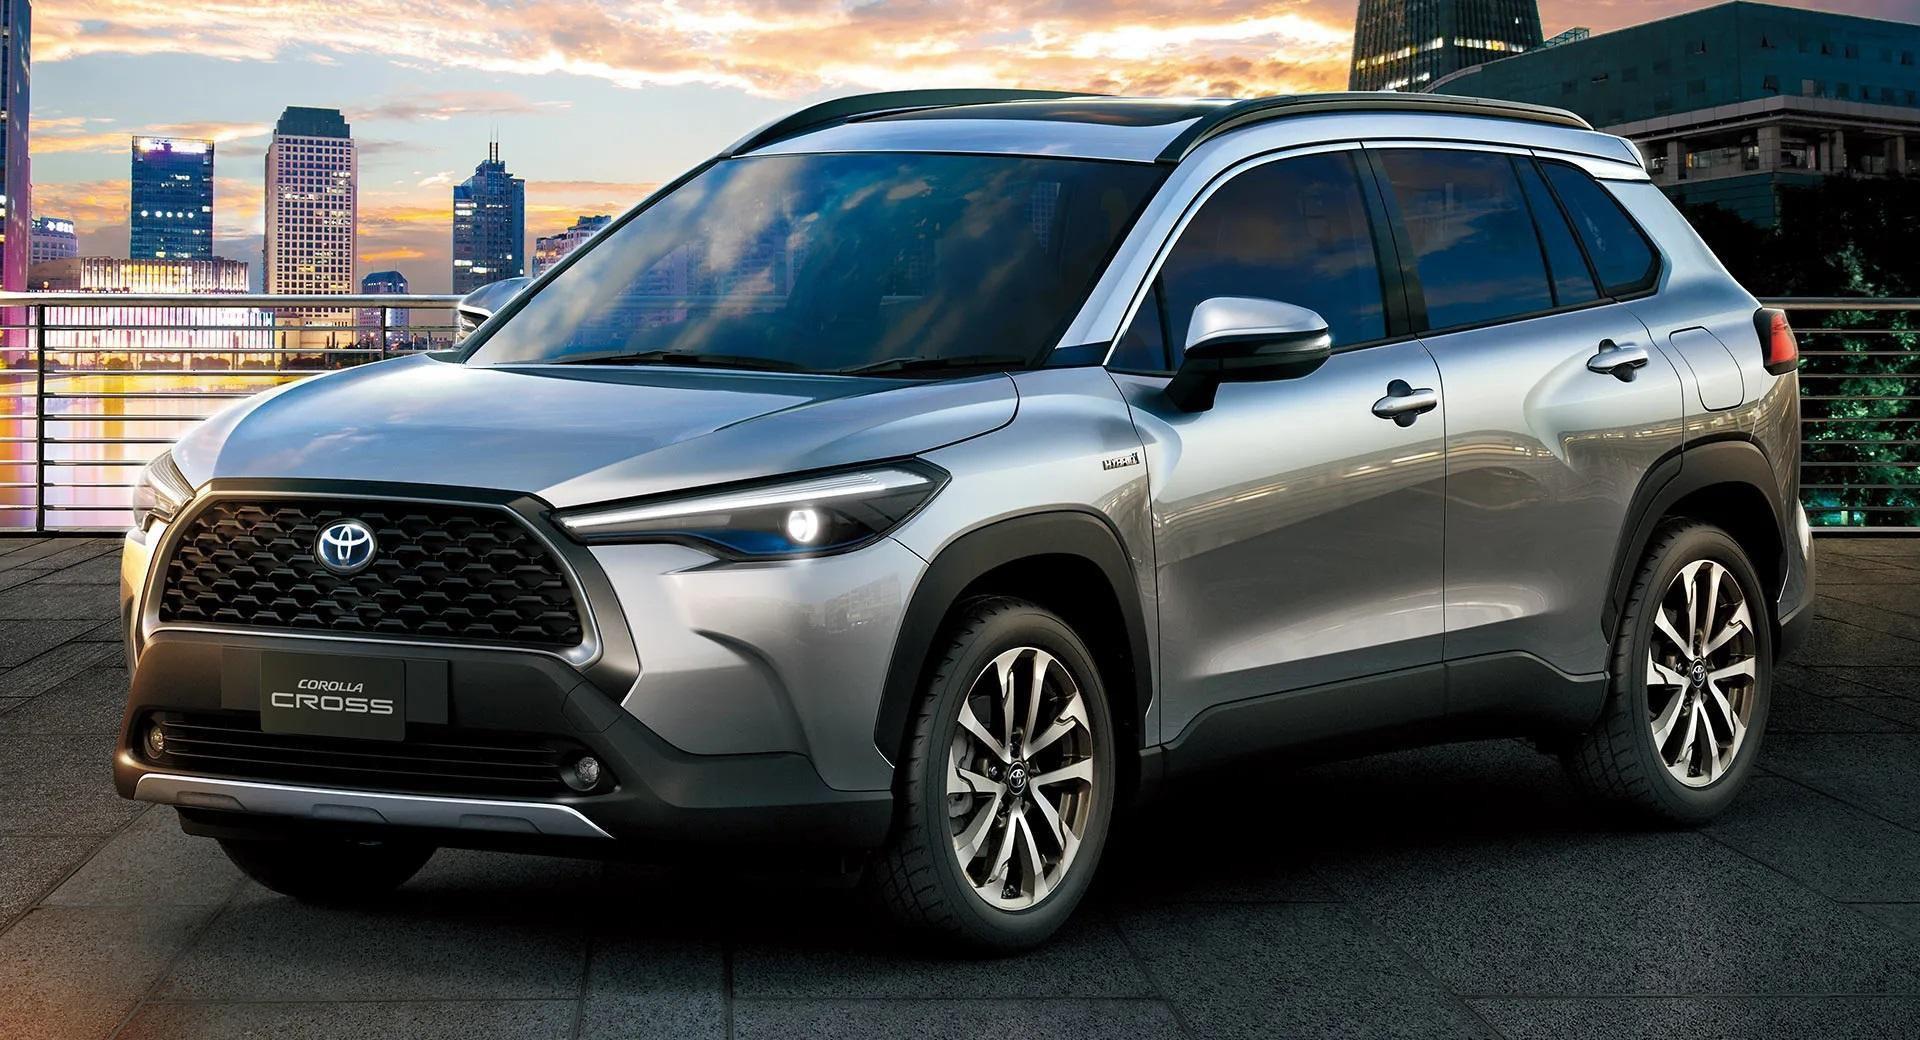 Toyota Corolla Cross sắp được bán tại Mỹ? Ảnh 1